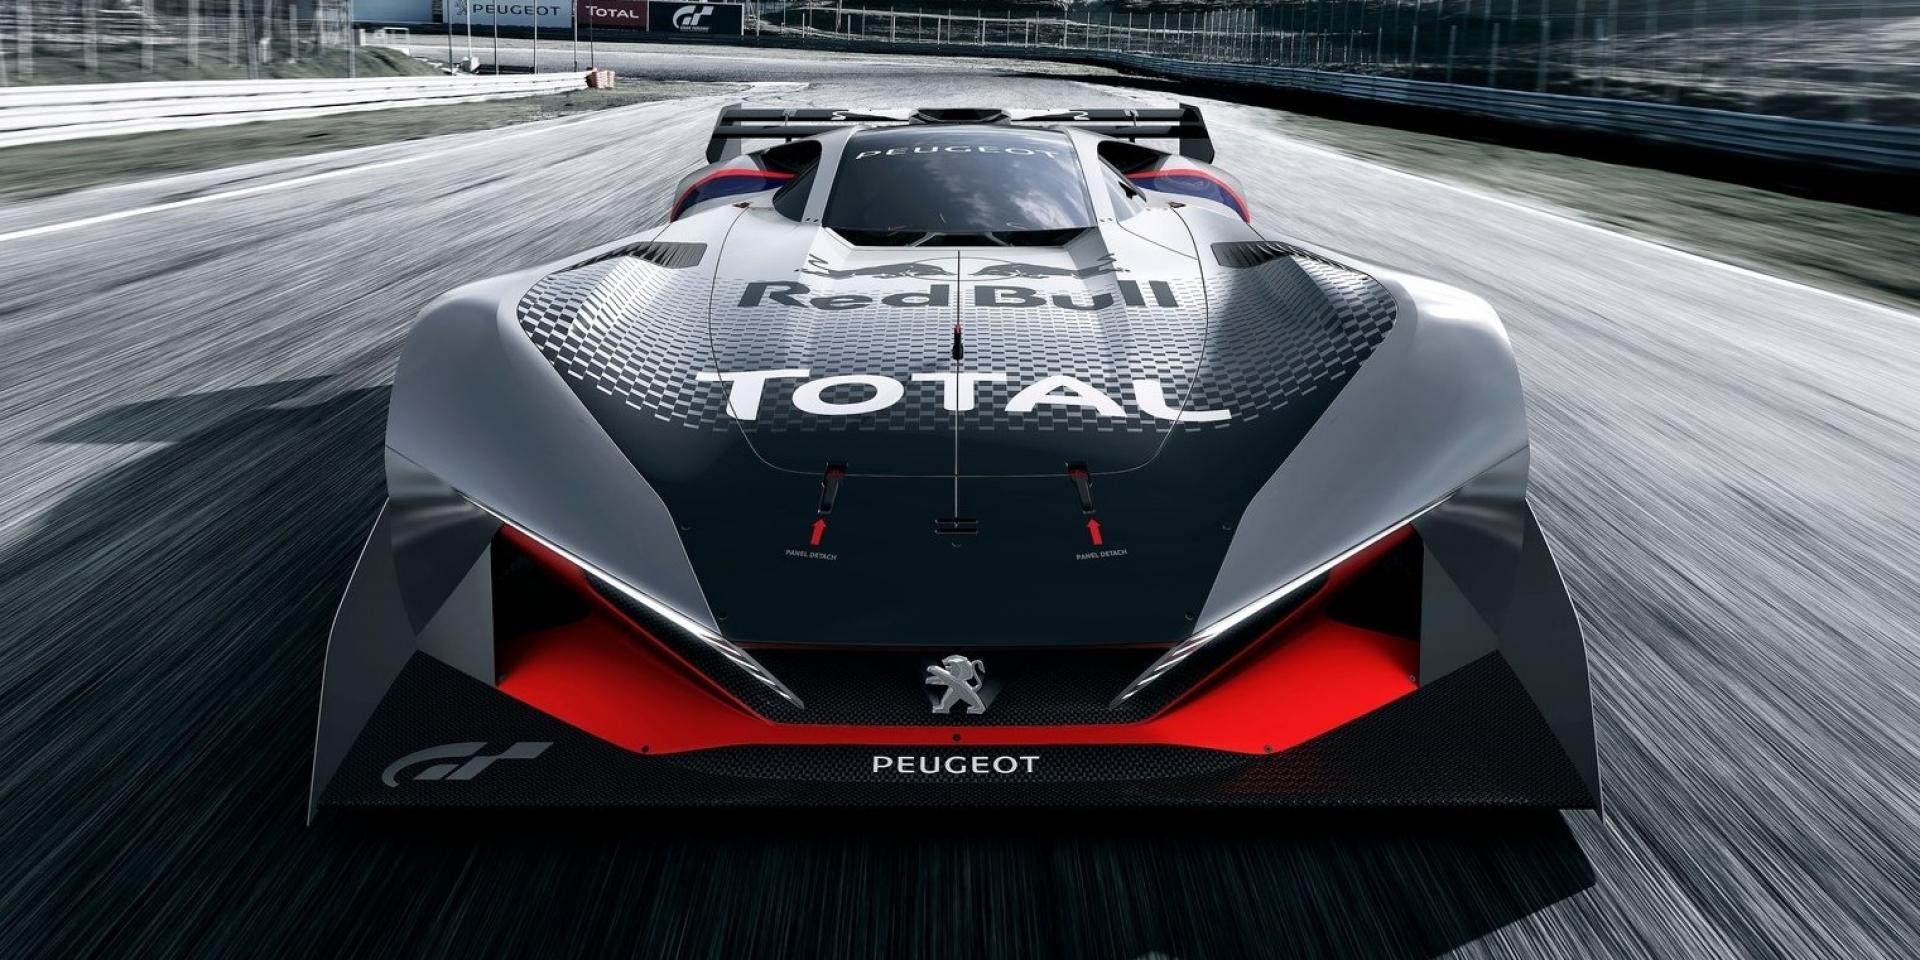 遊戲中的概念車再進化,推出PEUGEOT L750 R HYbrid Vision Gran Turismo